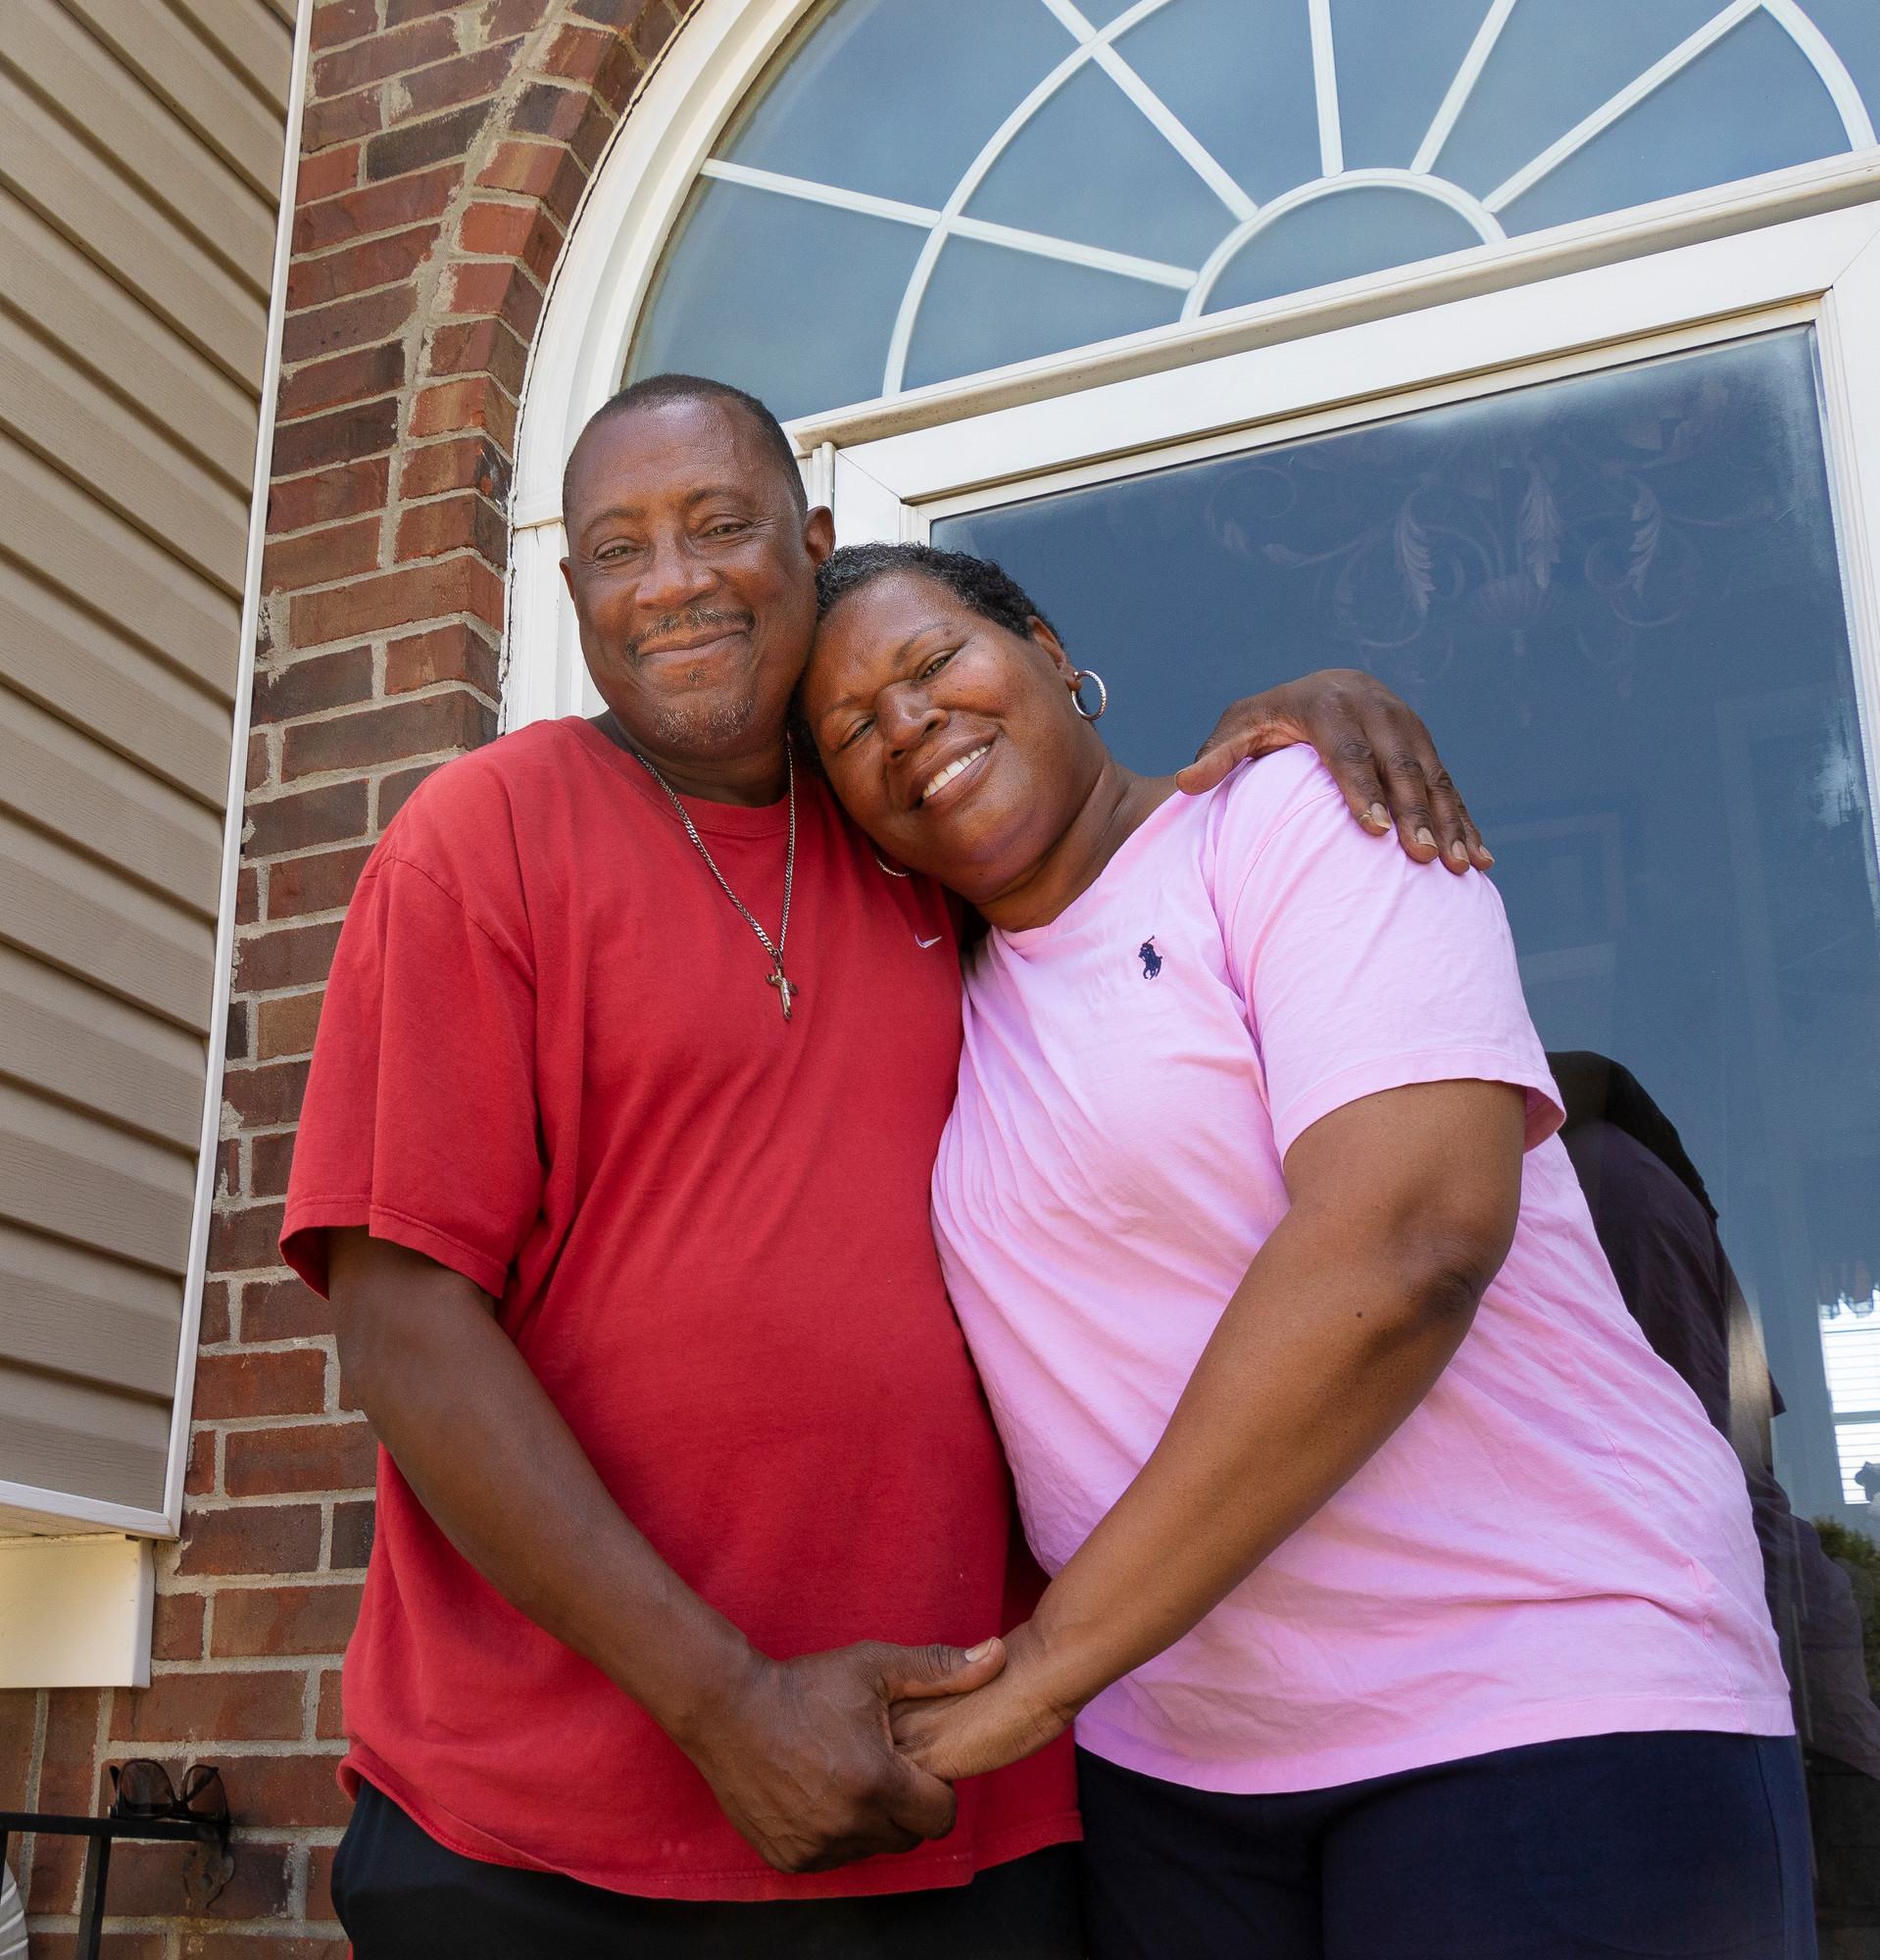 Un esposo y una esposa se toman de la mano mientras están parados en el porche de su casa frente a una puerta de vidrio.